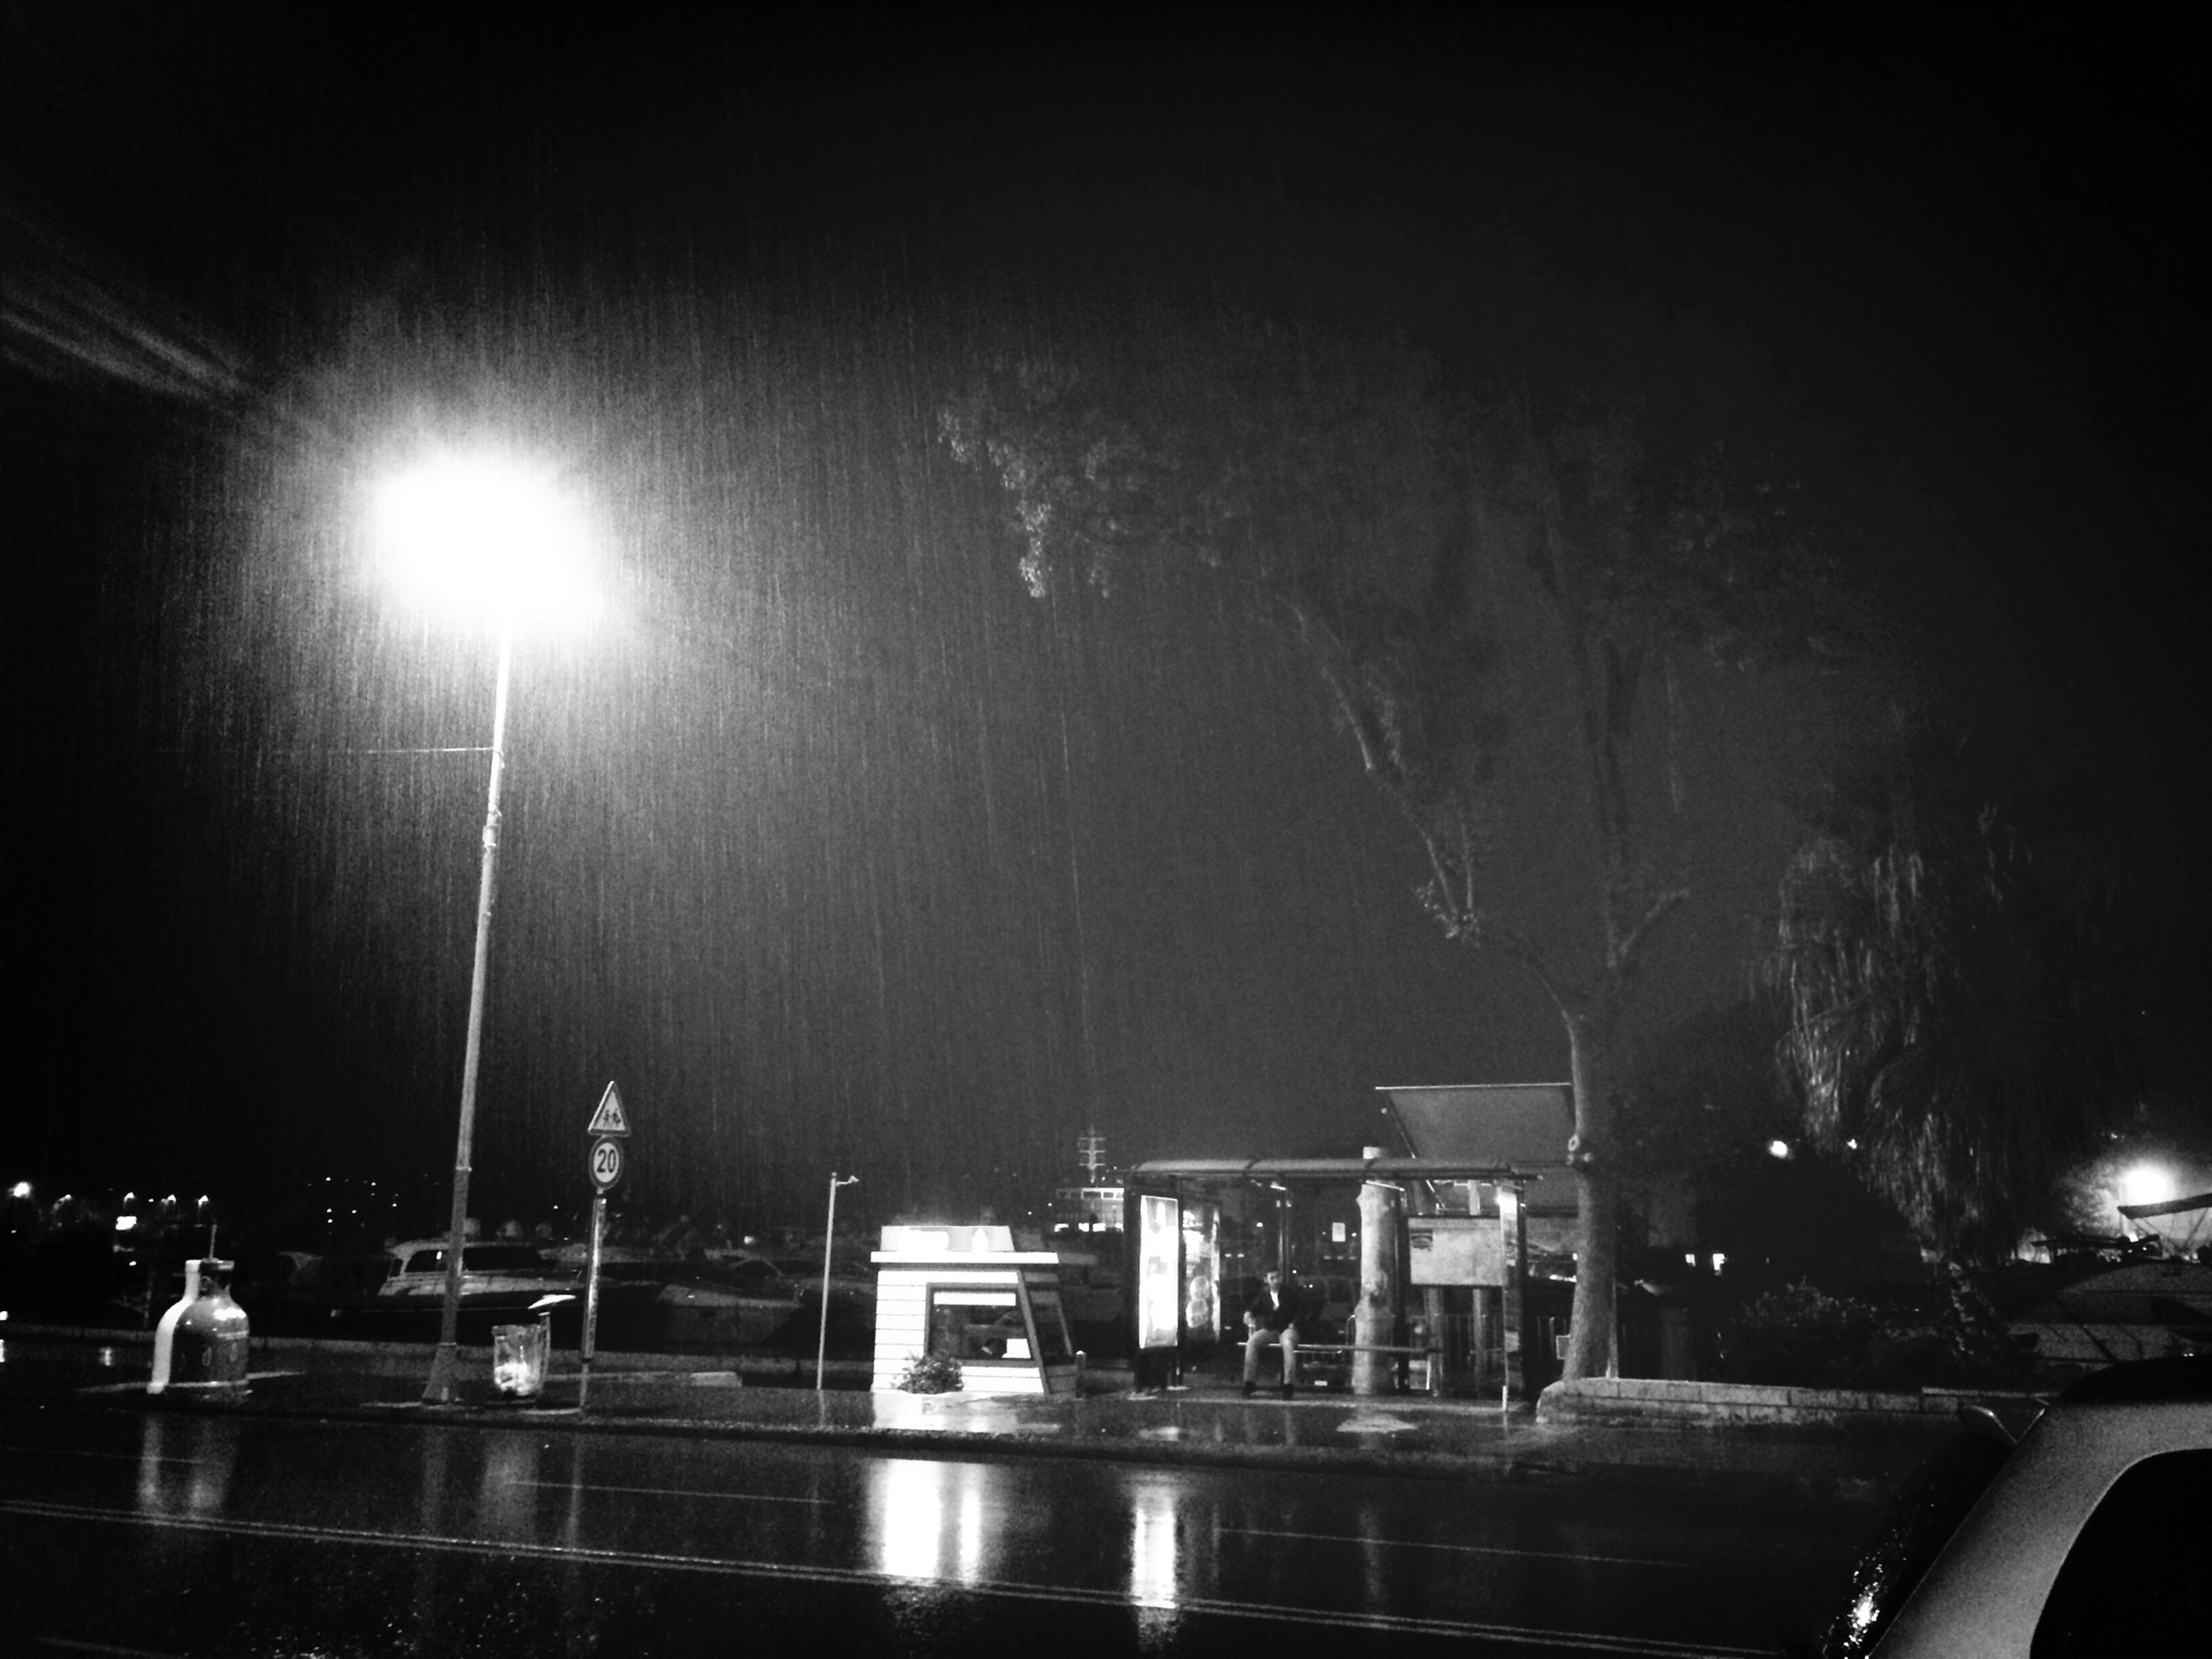 Yağmur Nöbet Saatsabahayakın Sokaklarsakin